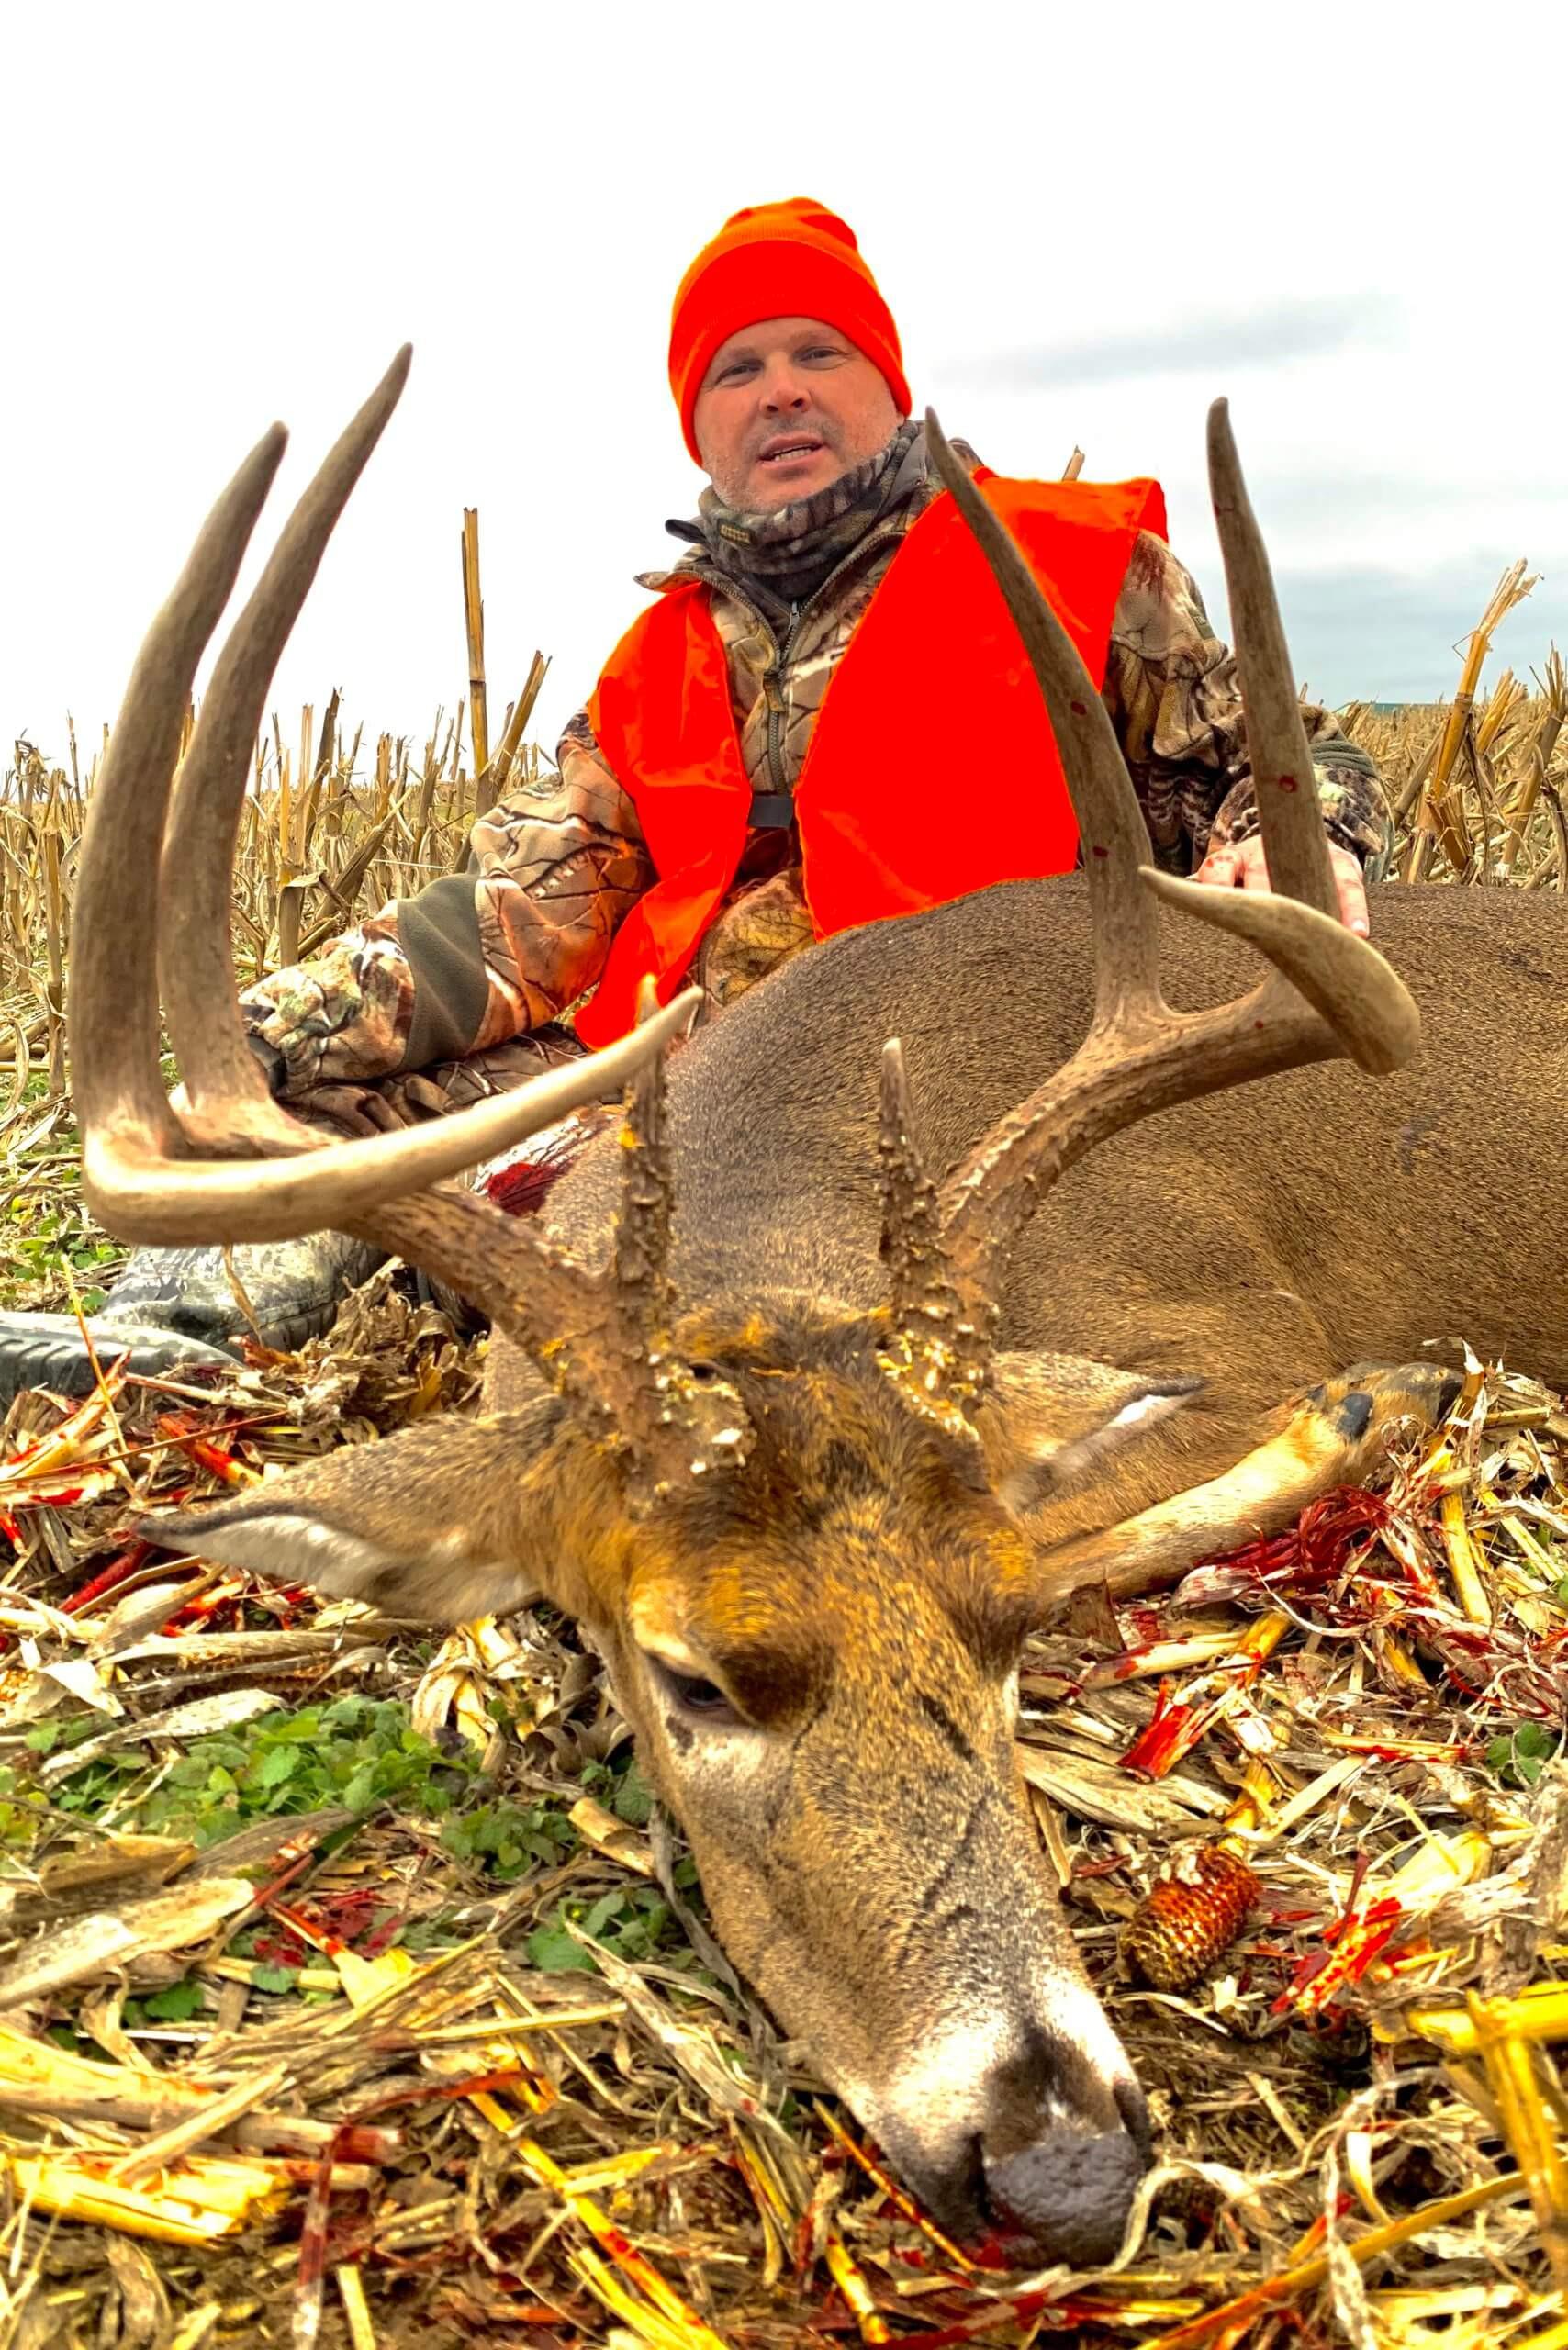 2021 Wny Whitetail Deer Rut   Calendar Printables Free Blank-Deer & Deer Hunting 2021 Rut Prediction